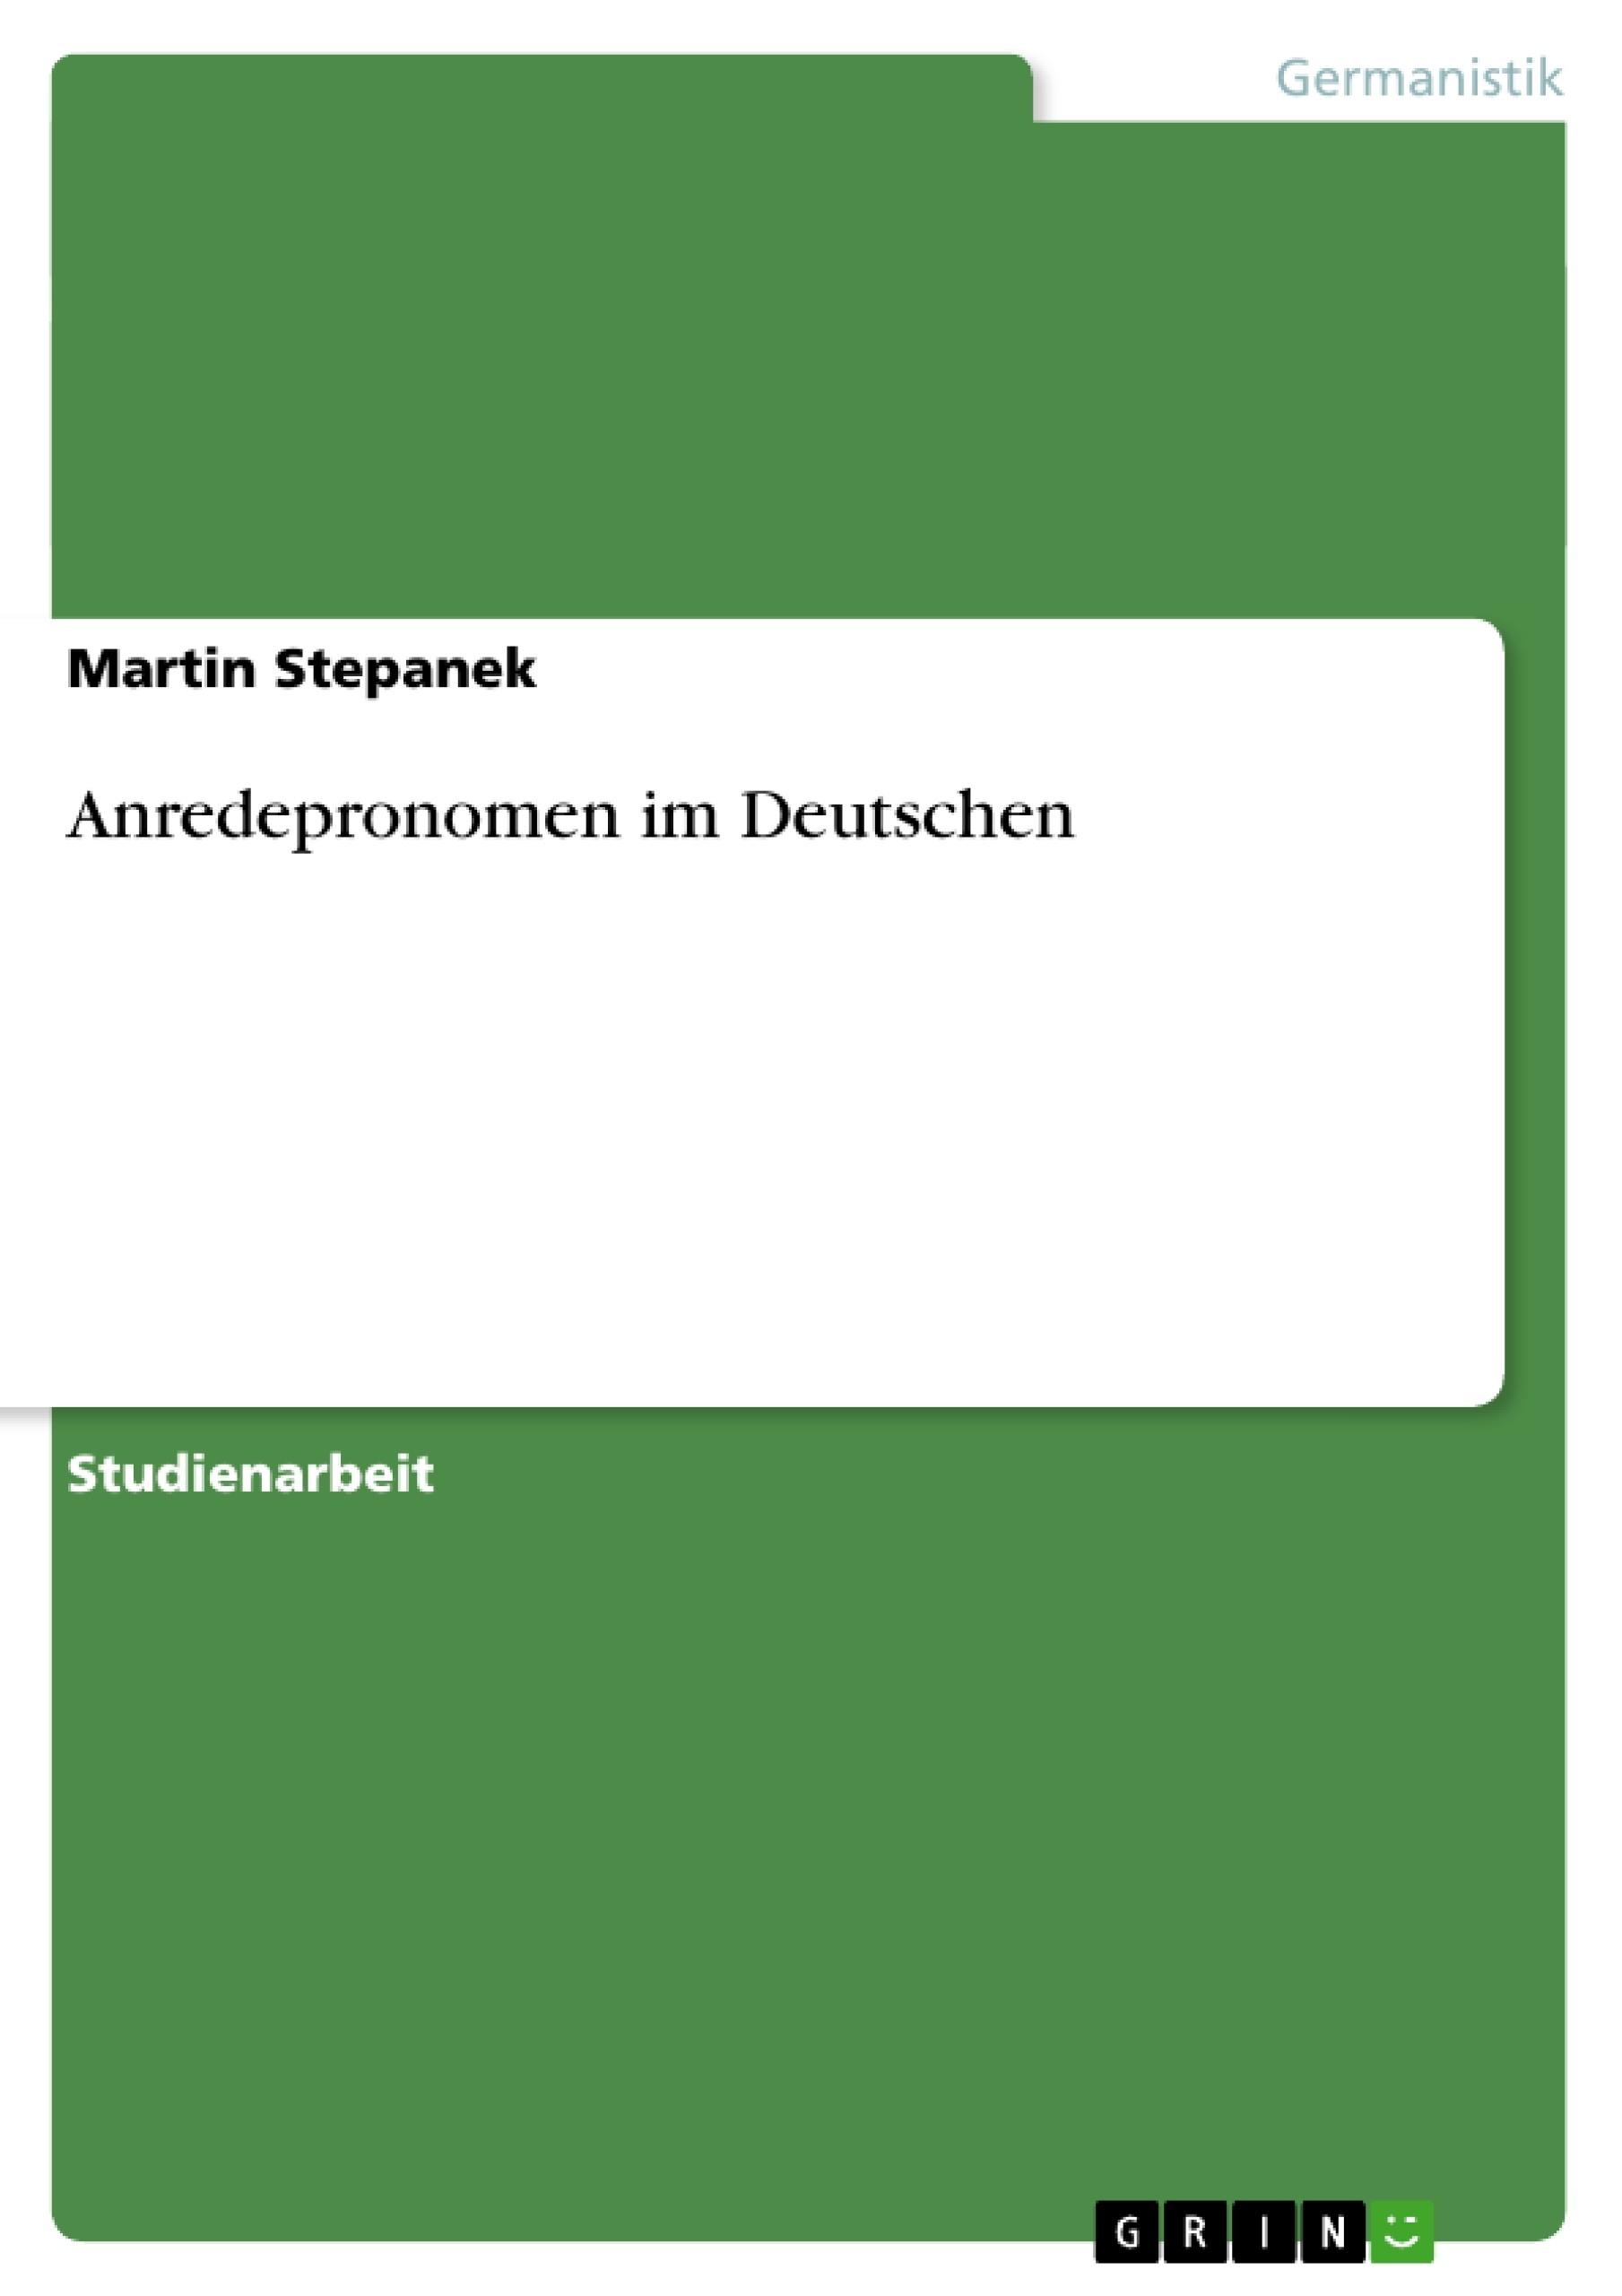 Titel: Anredepronomen im Deutschen